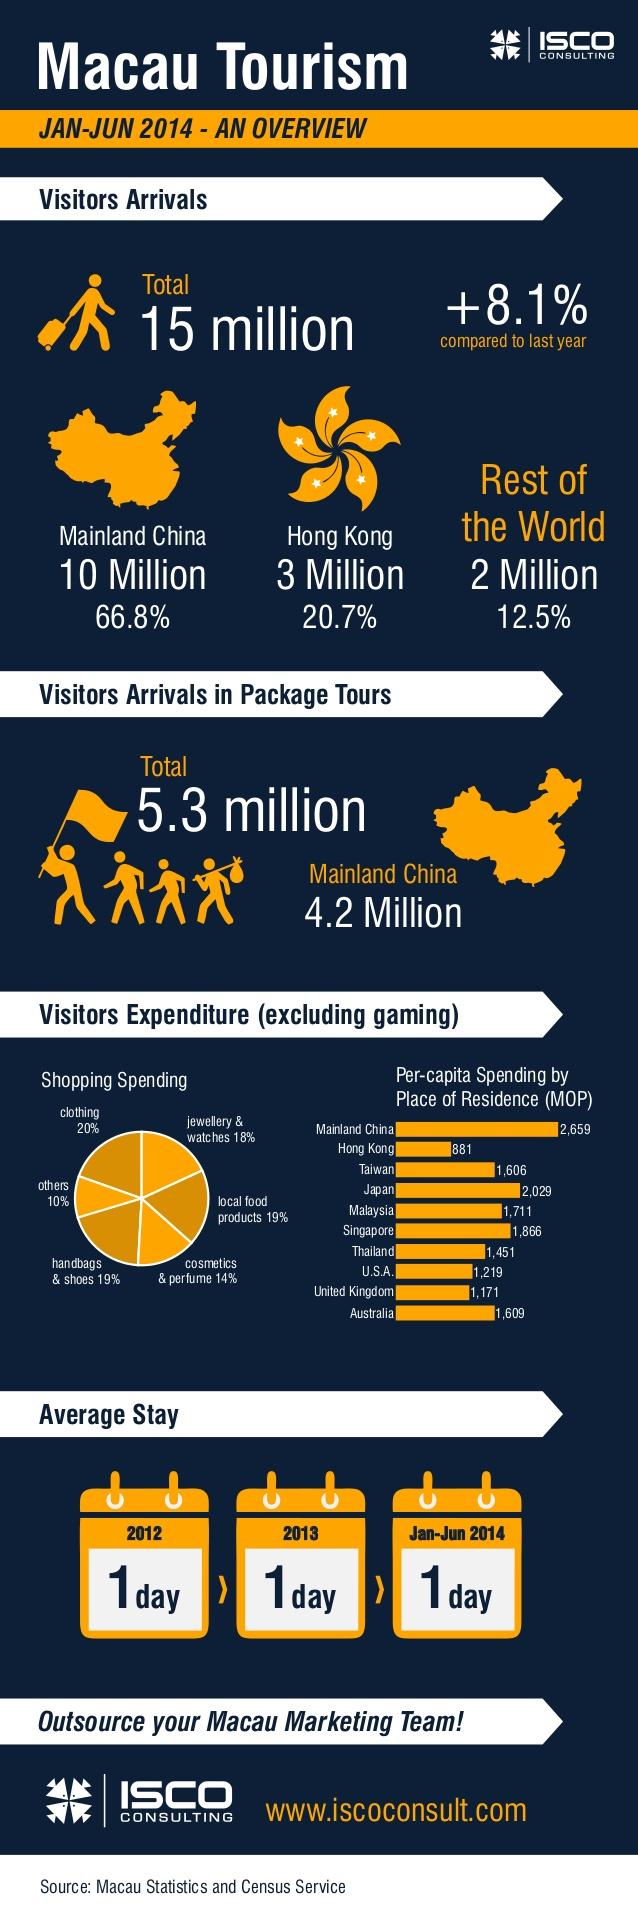 Turismo en Macao